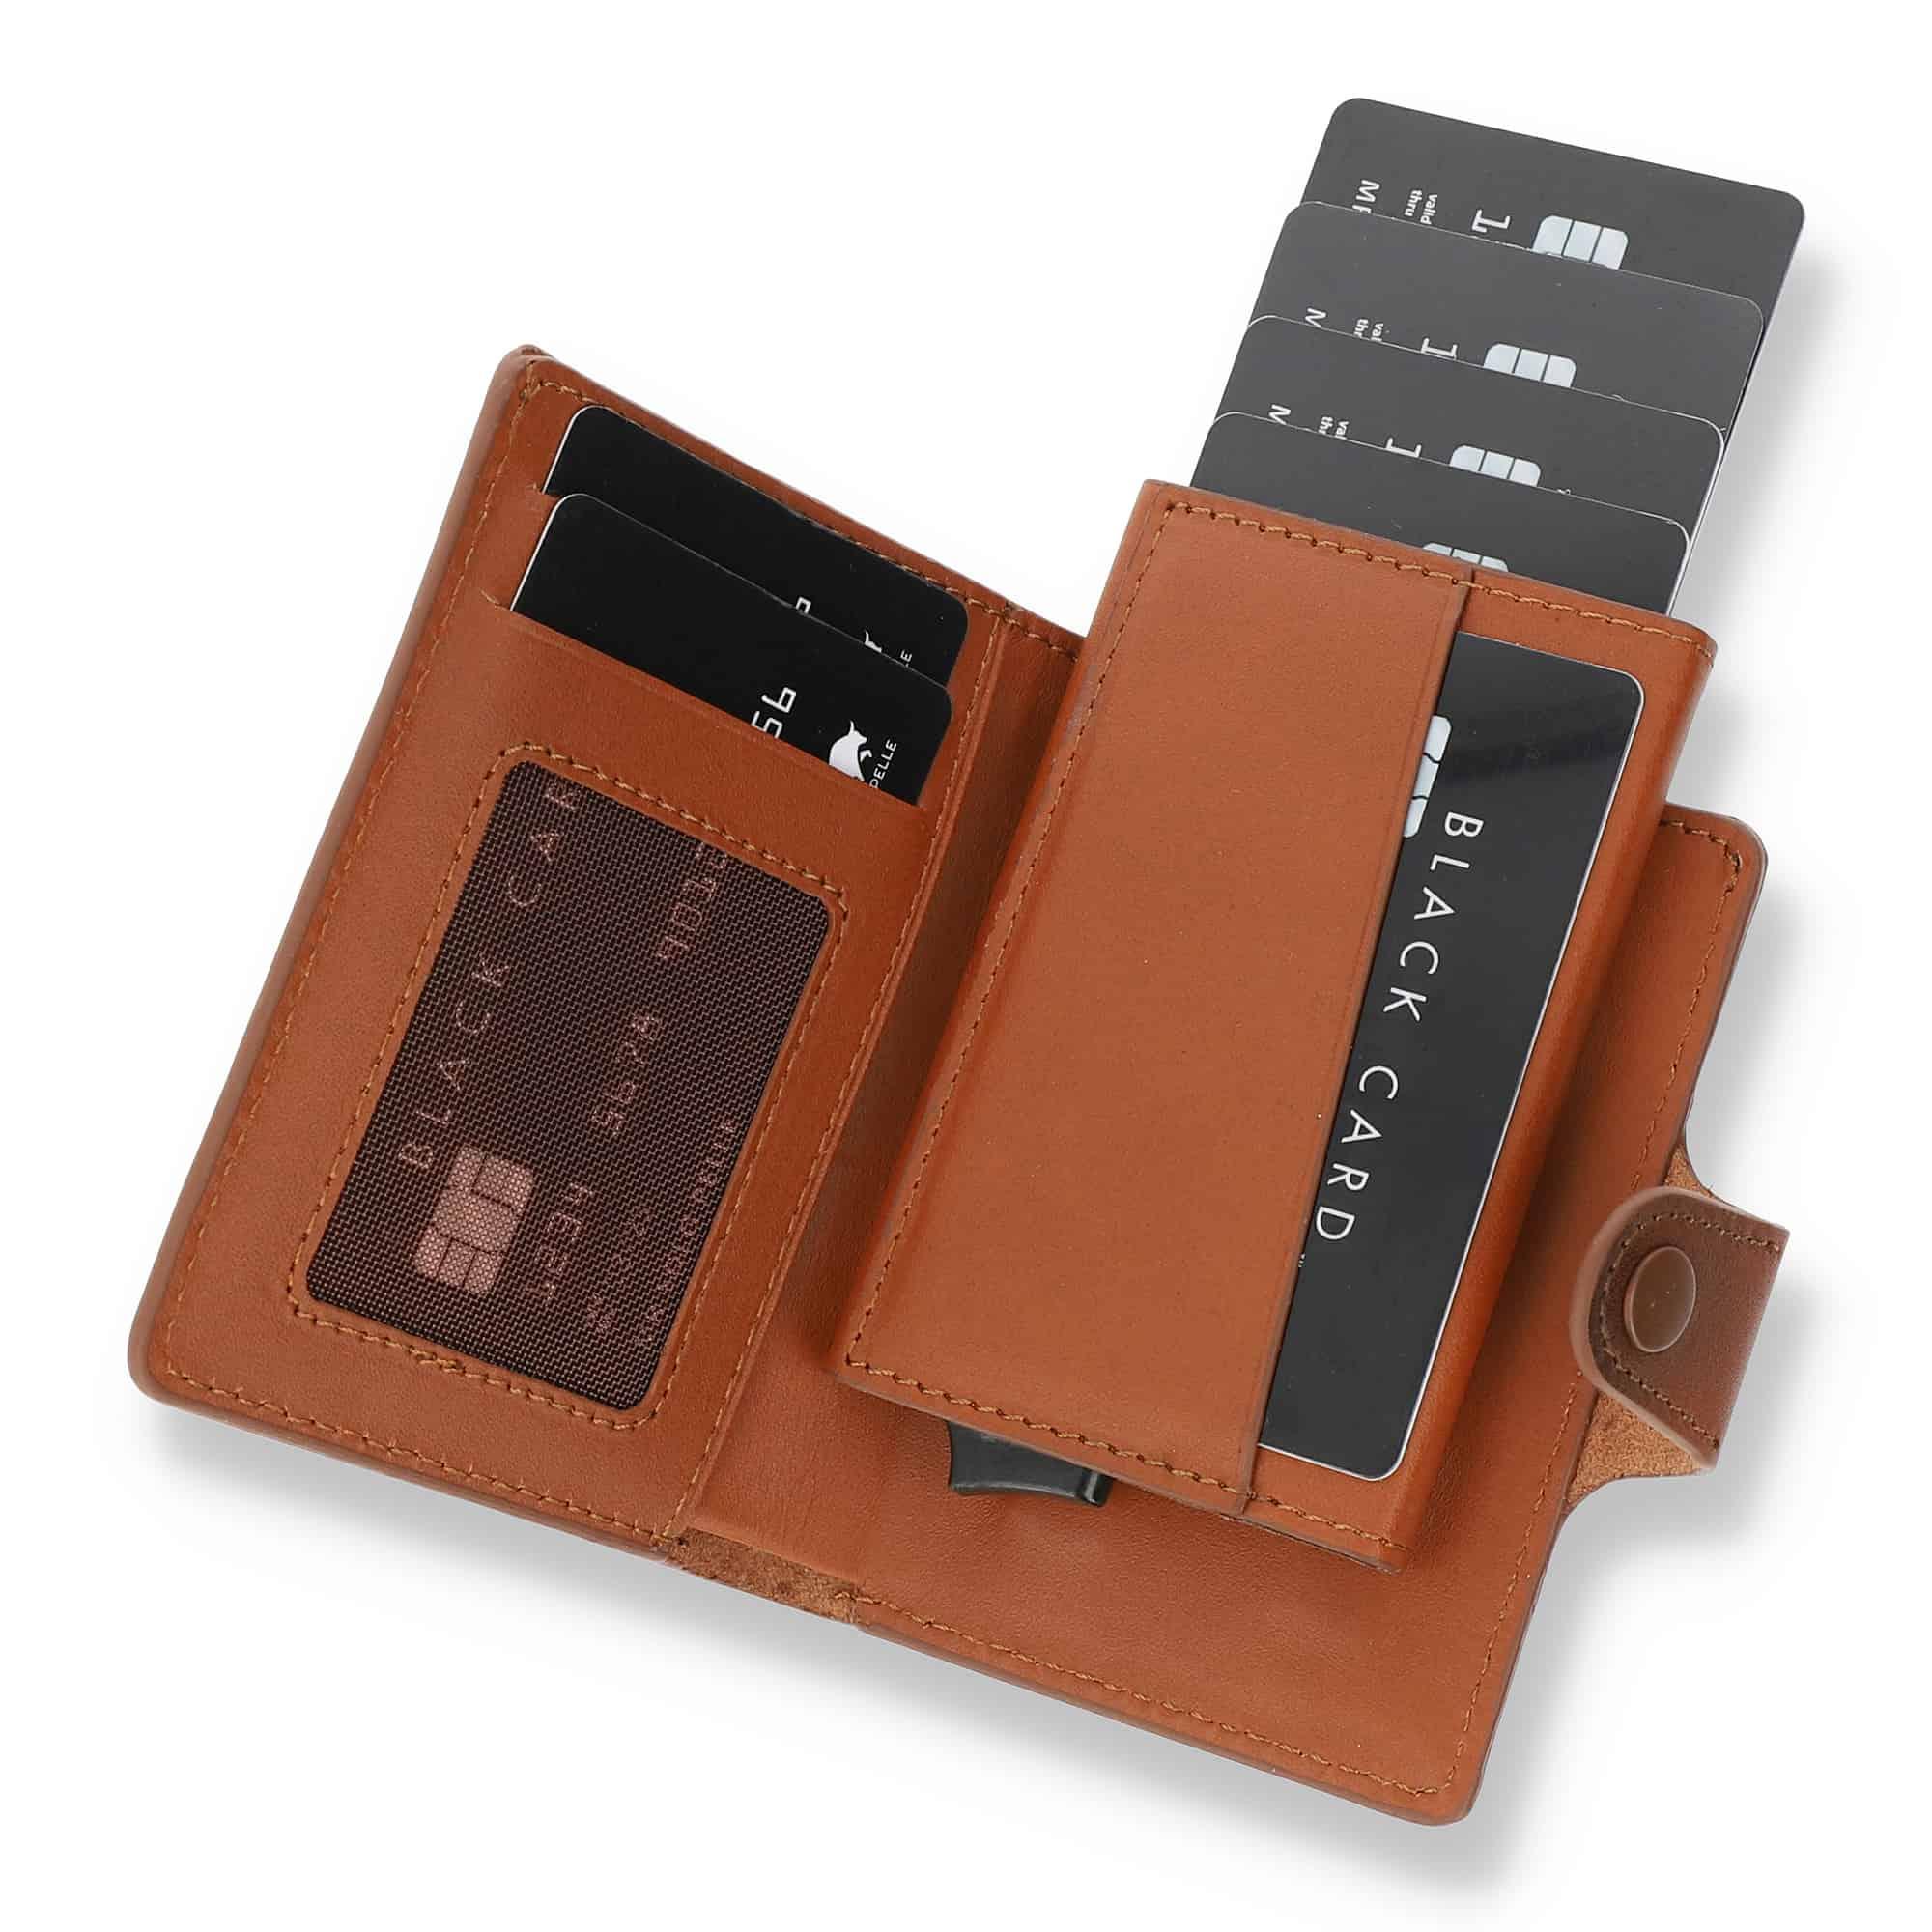 Solo Pelle Leder Geldbörse Q-Wallet mit integriertem Kartenetui für max 15 Karten + Geldscheine geeignet | Kreditkartenetui mit RFID (Cognac Braun + abnehmbares Kartenetui)